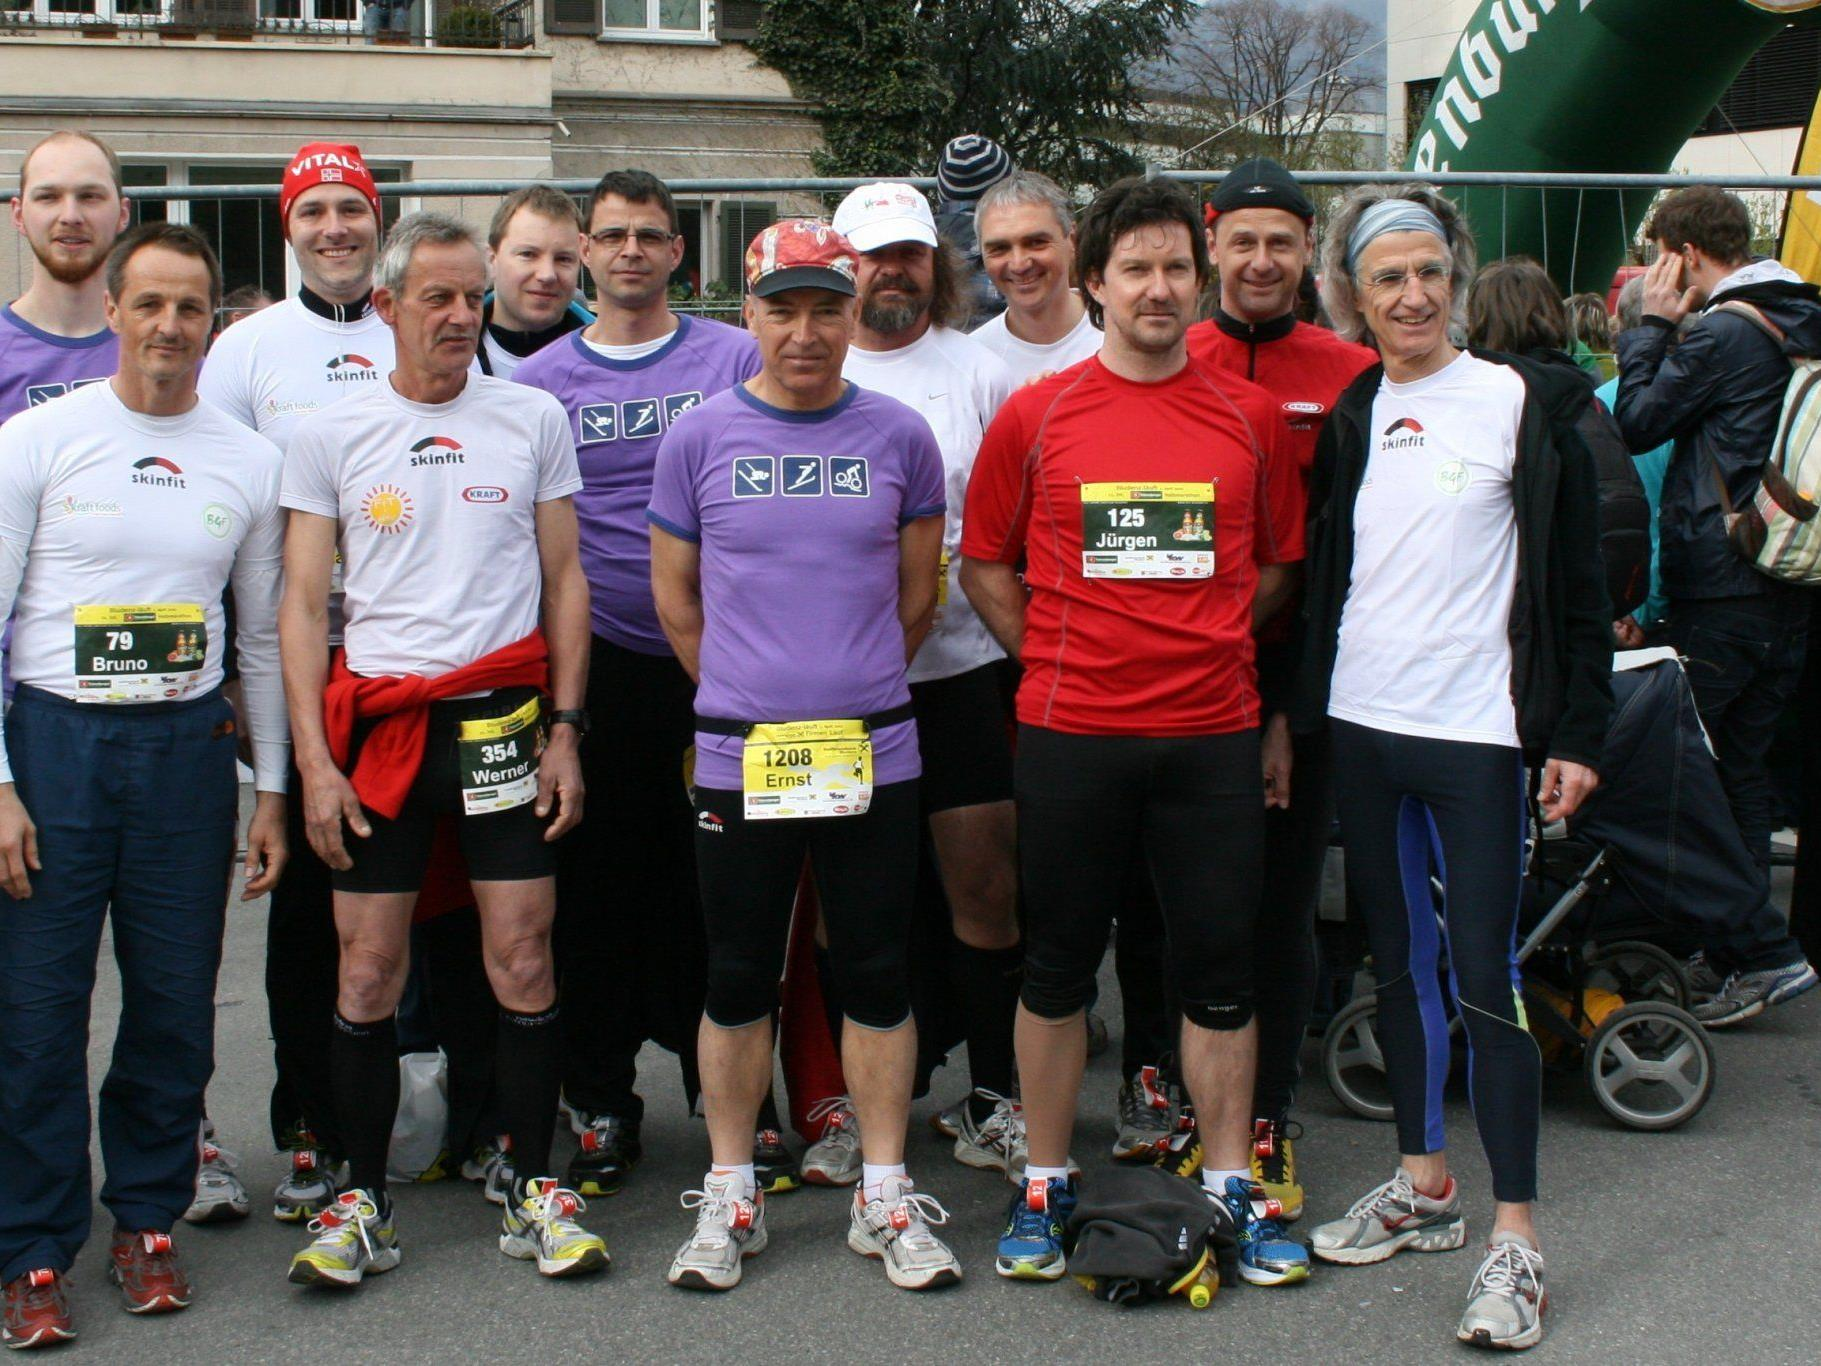 Starteten erfolgreich ins neue Laufjahr, die Laufgruppe KRAFT.